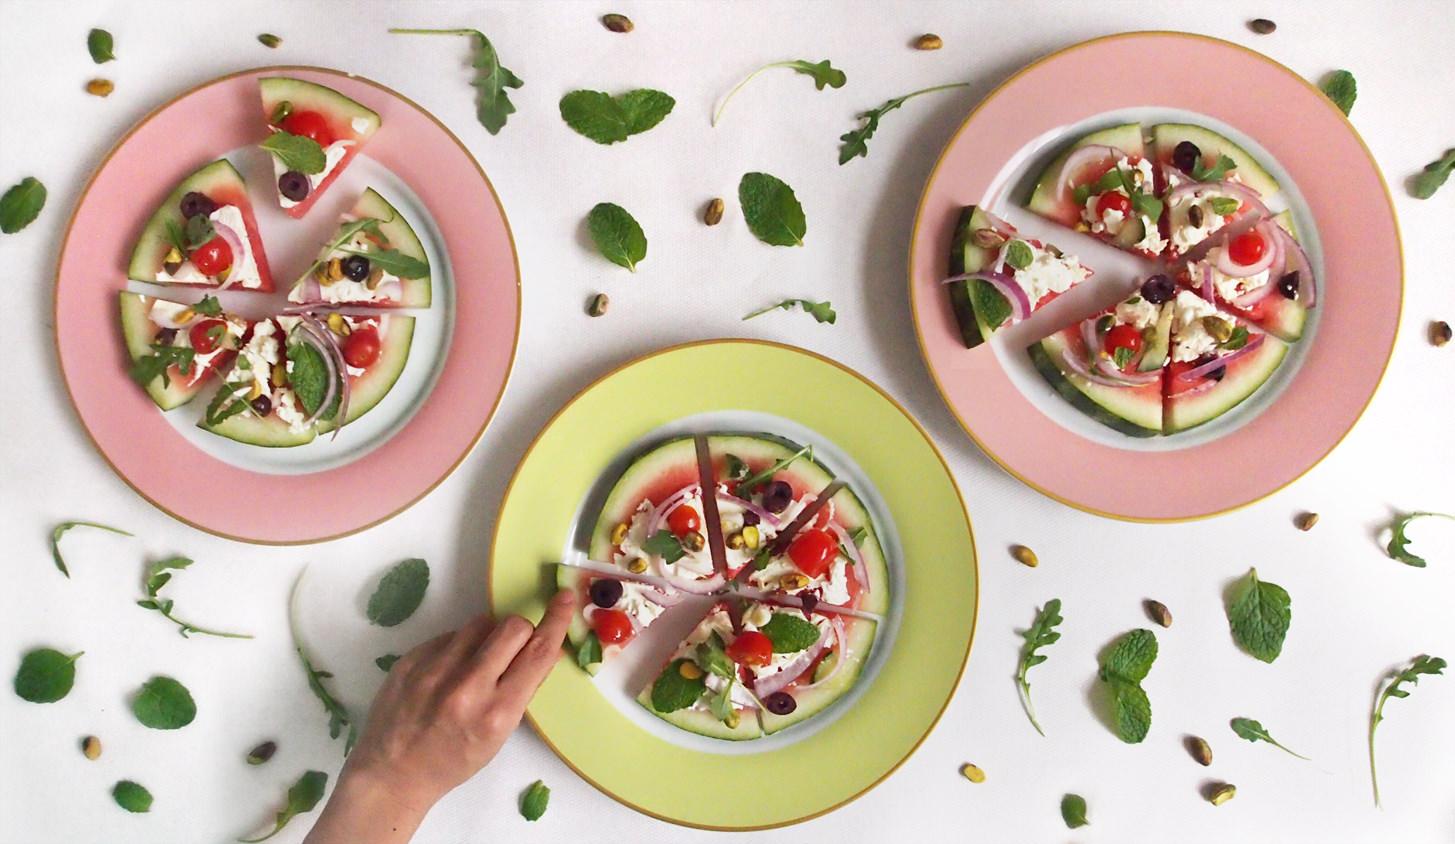 cocotrish watermelon pizza 10